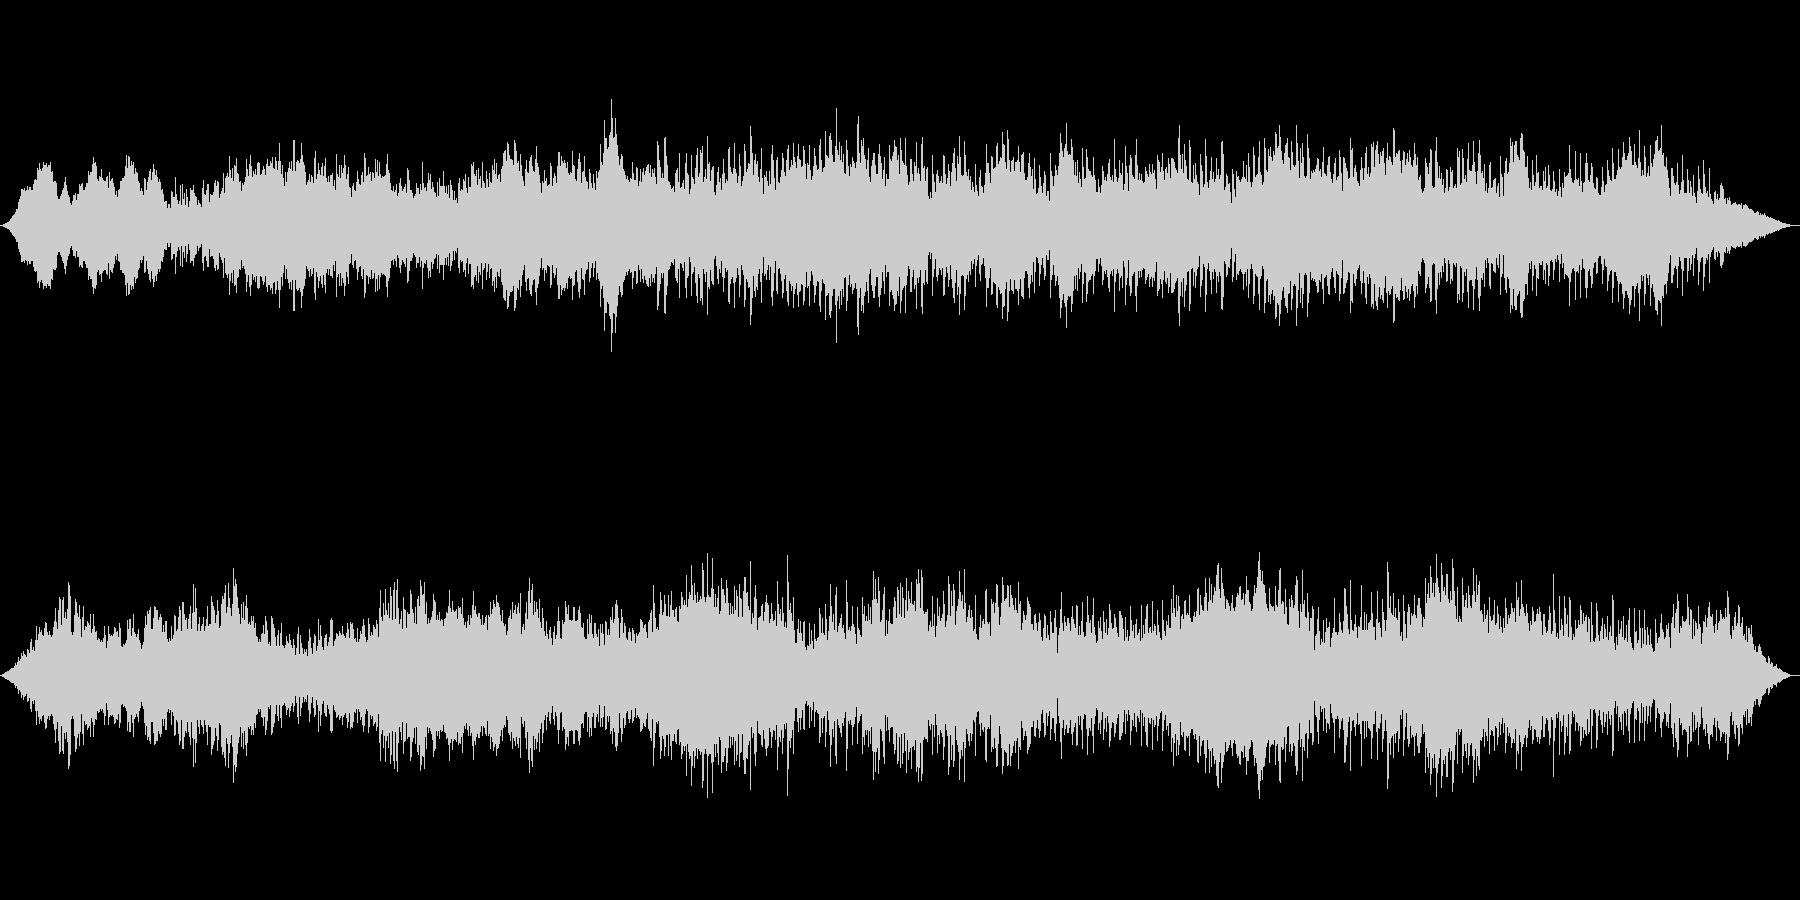 アンビエント環境音楽ヒーリング-01の未再生の波形